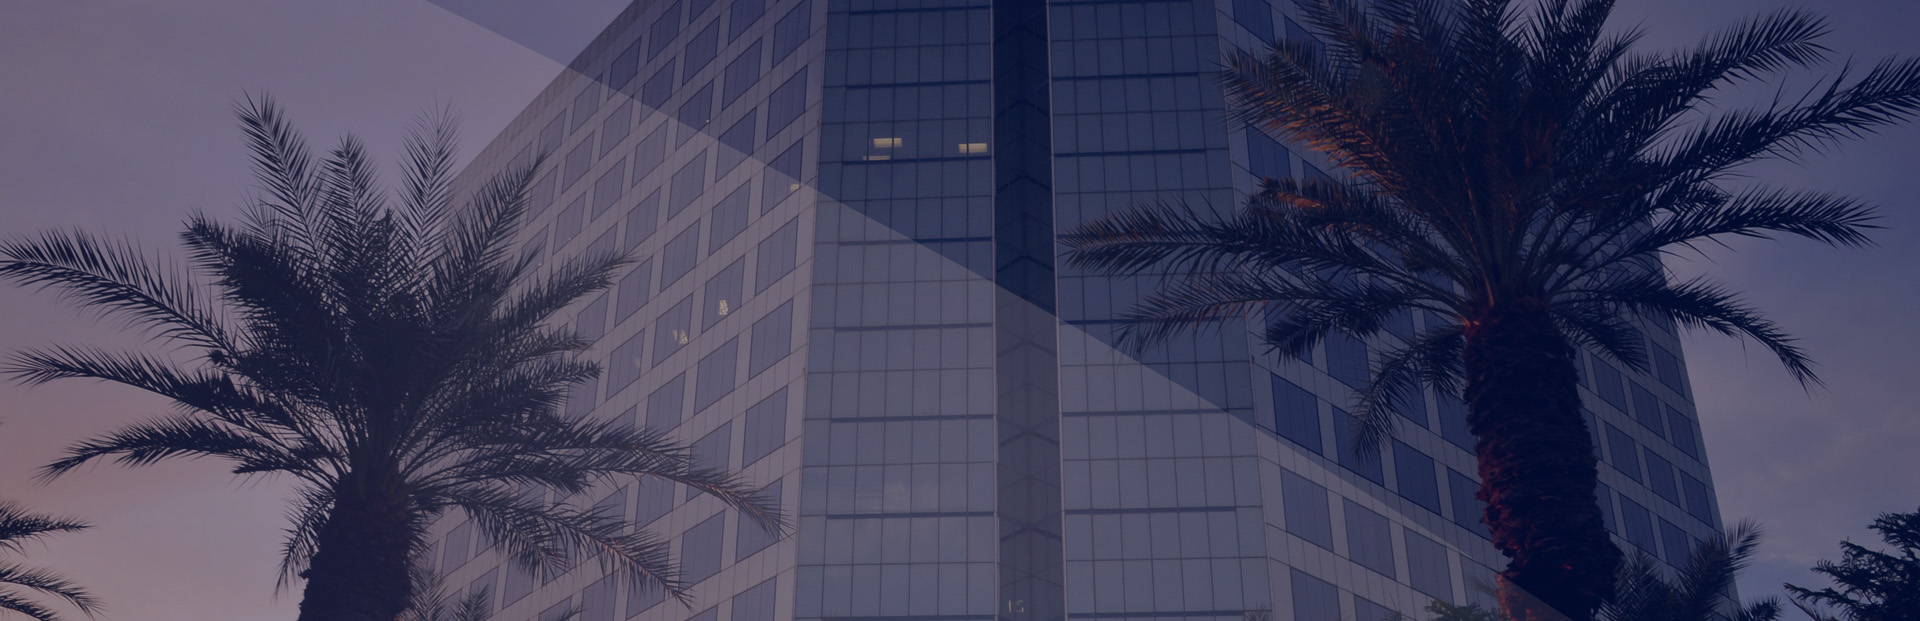 AZ state tax lawyers building